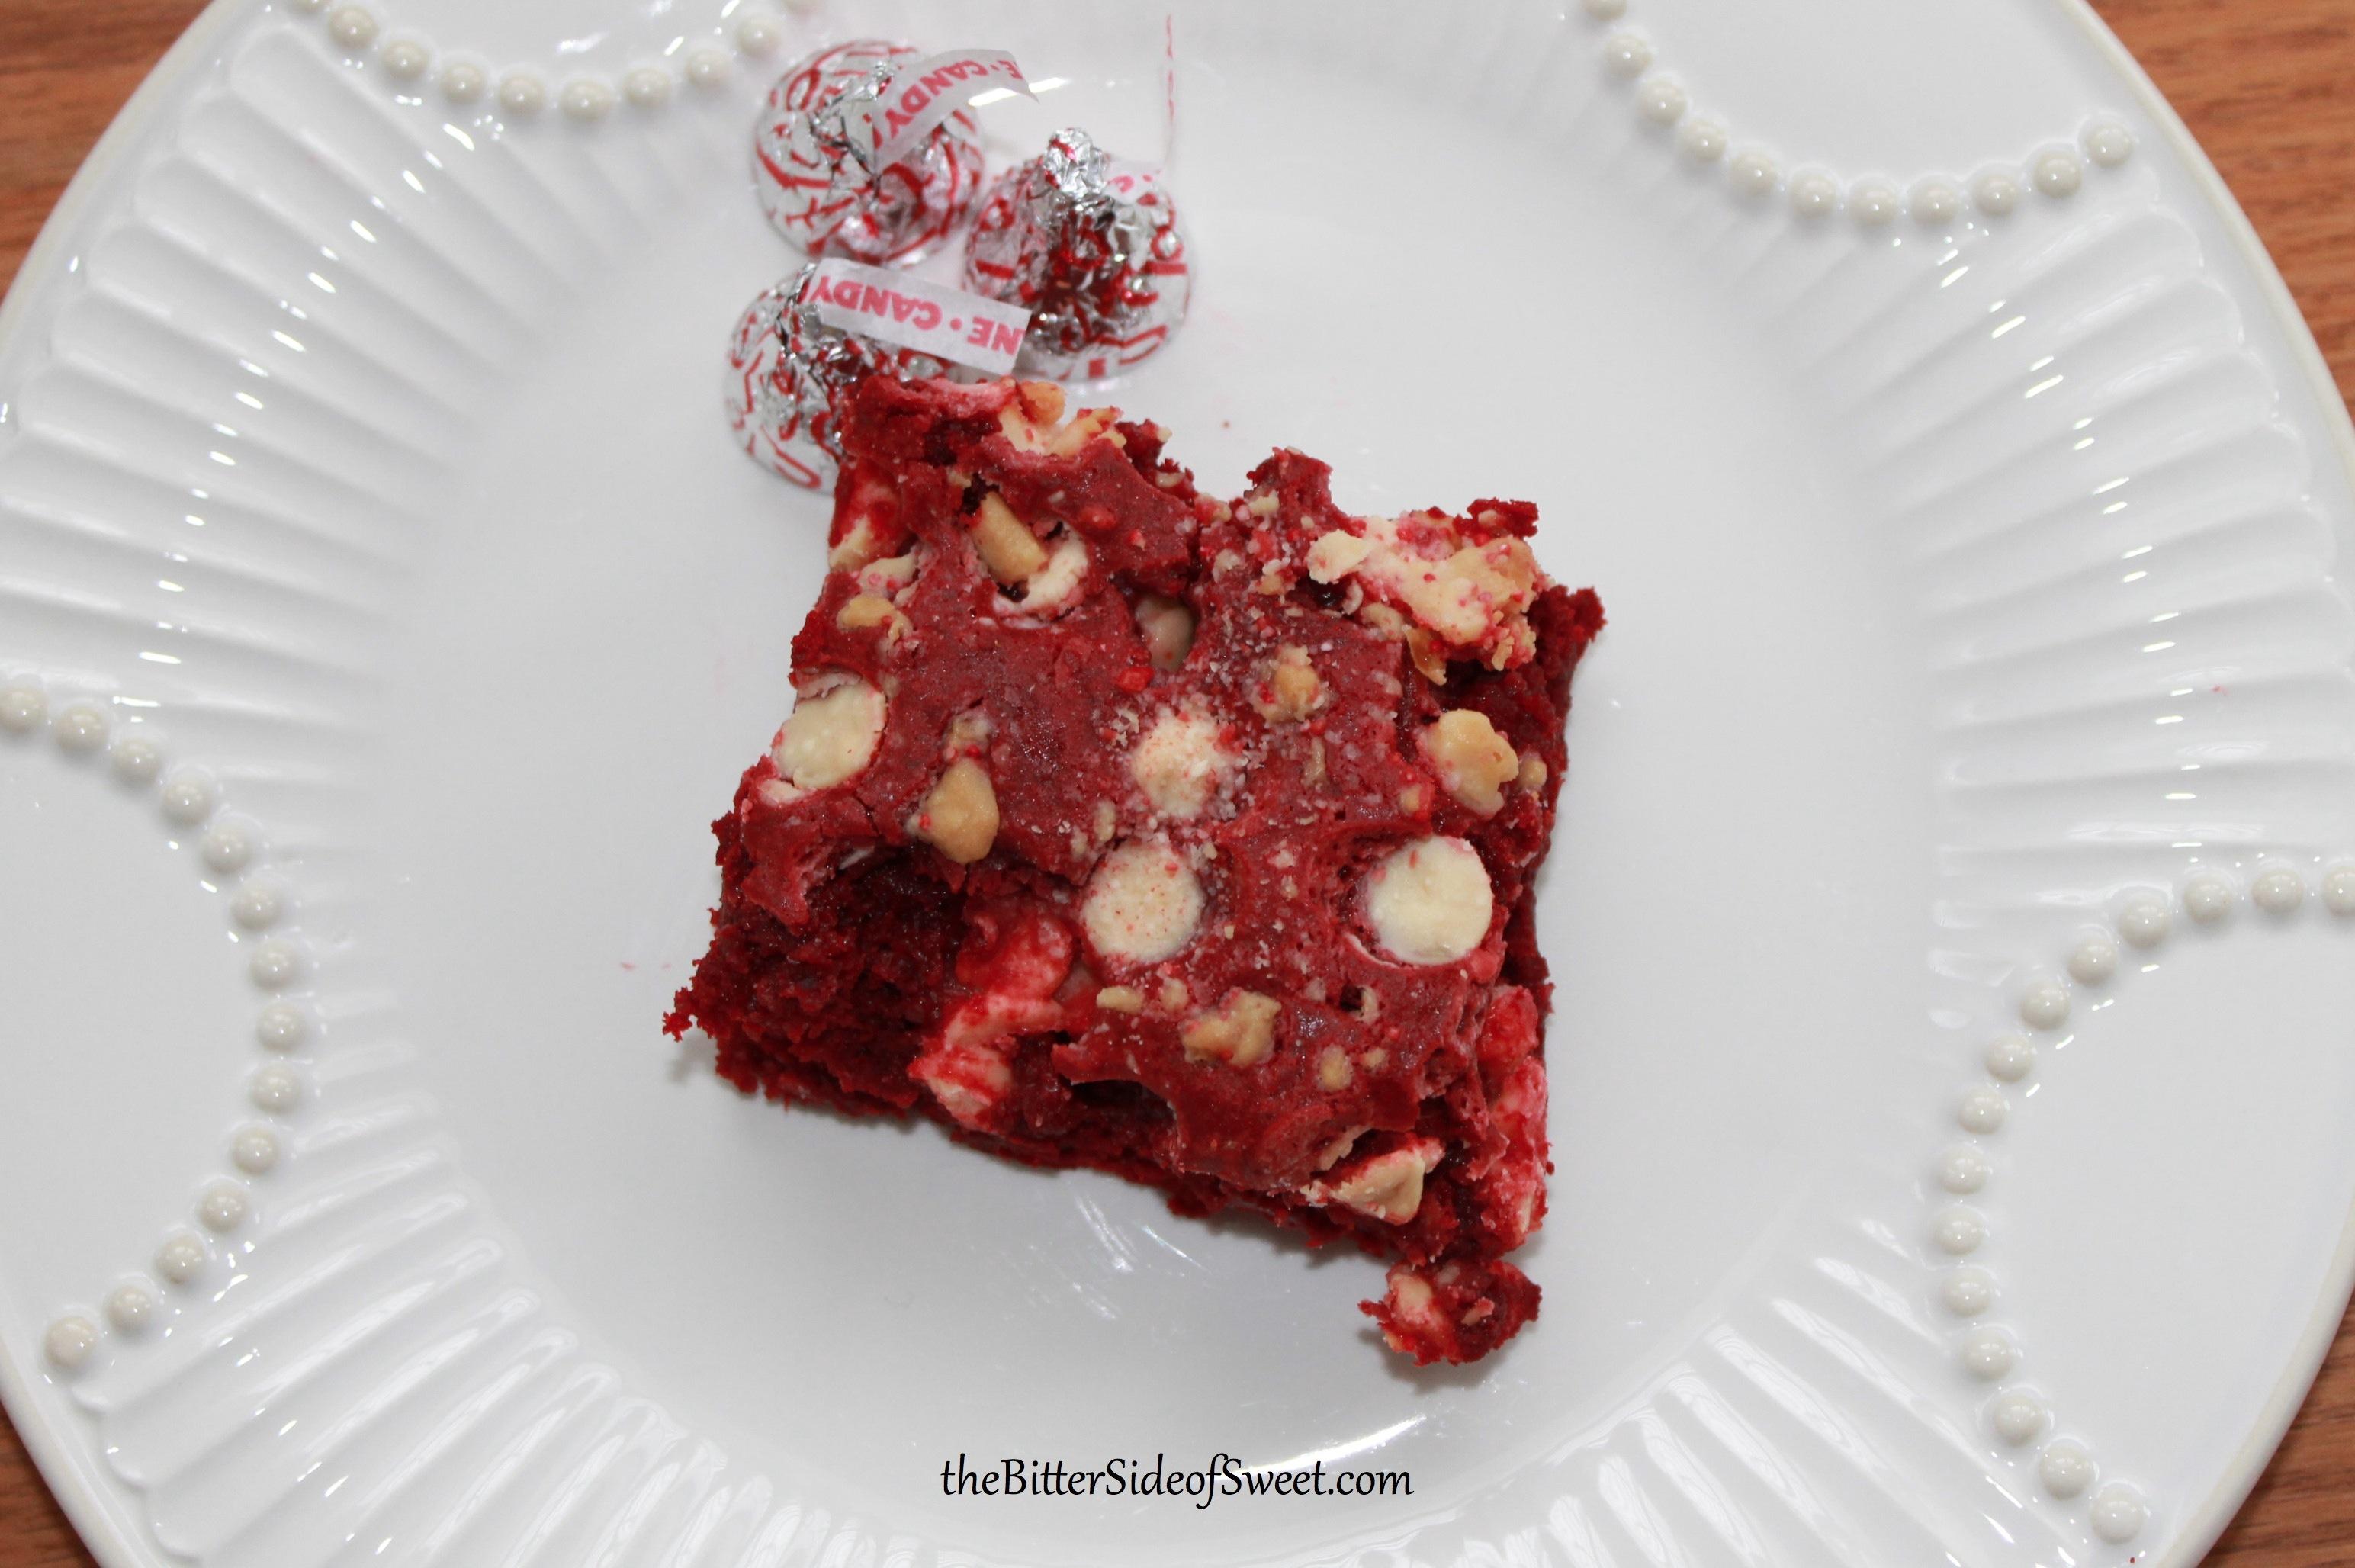 Red Velvet Candy Cane Dump Cake